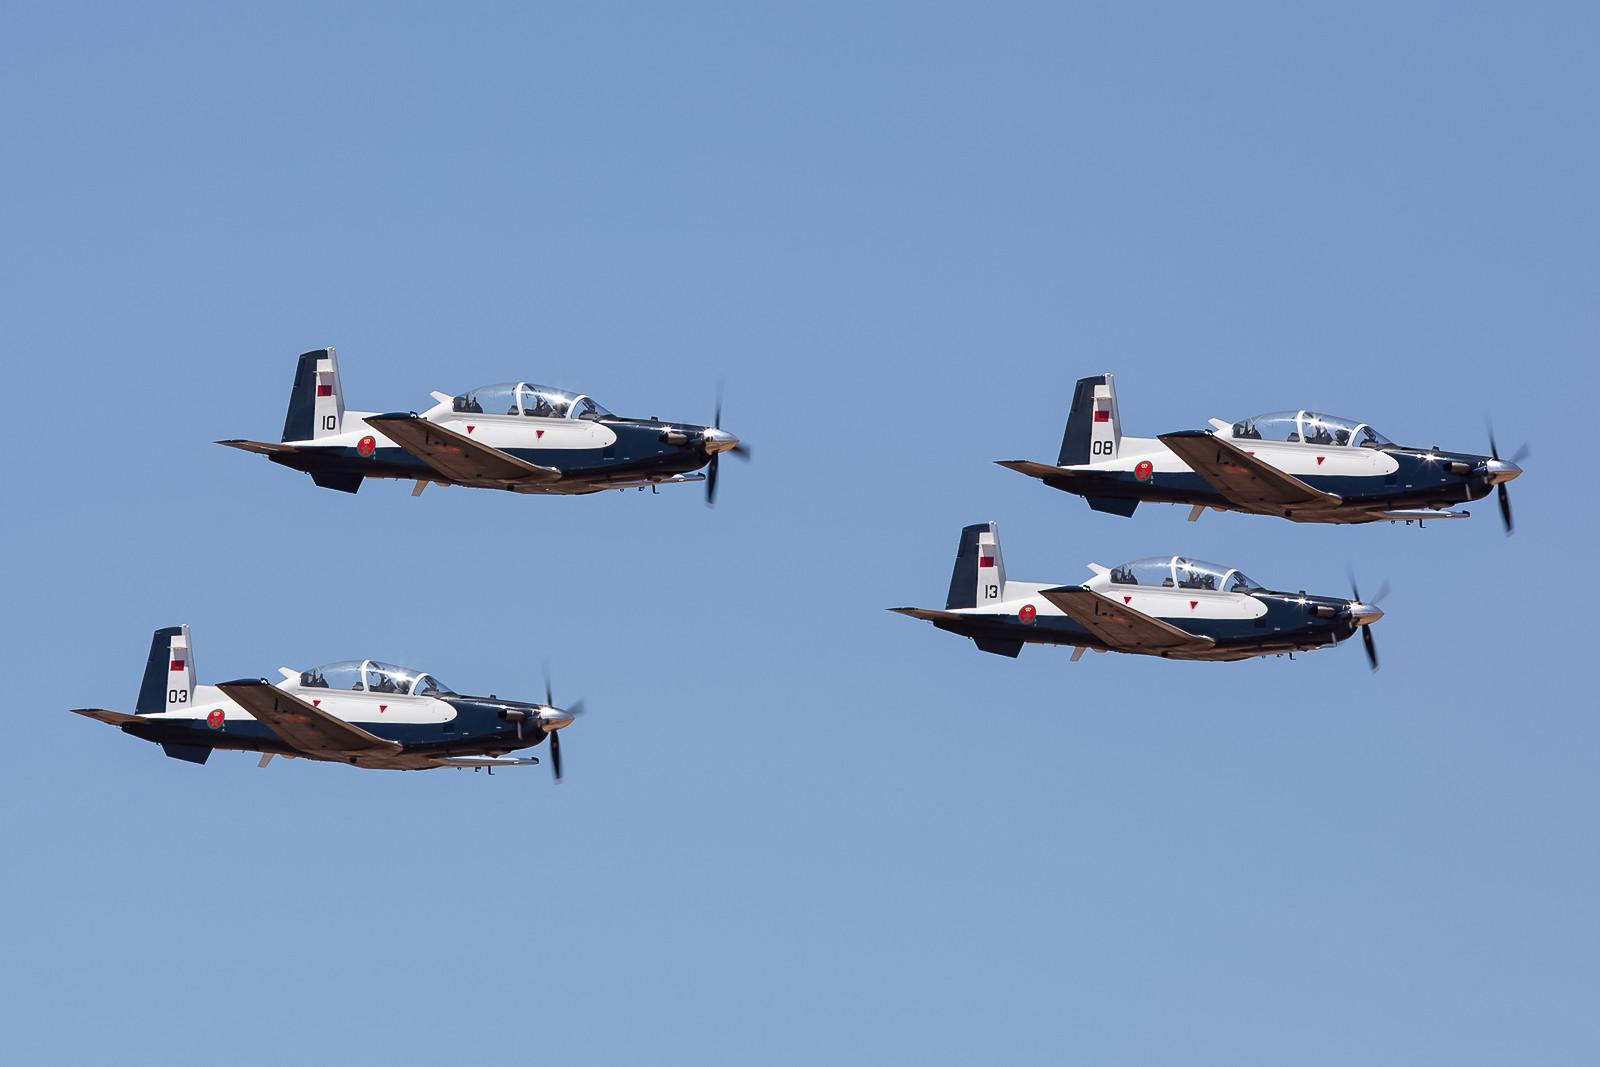 Die erste Formation waren vier T-6G Texan II der Ecole de Pilotage aus Menara.